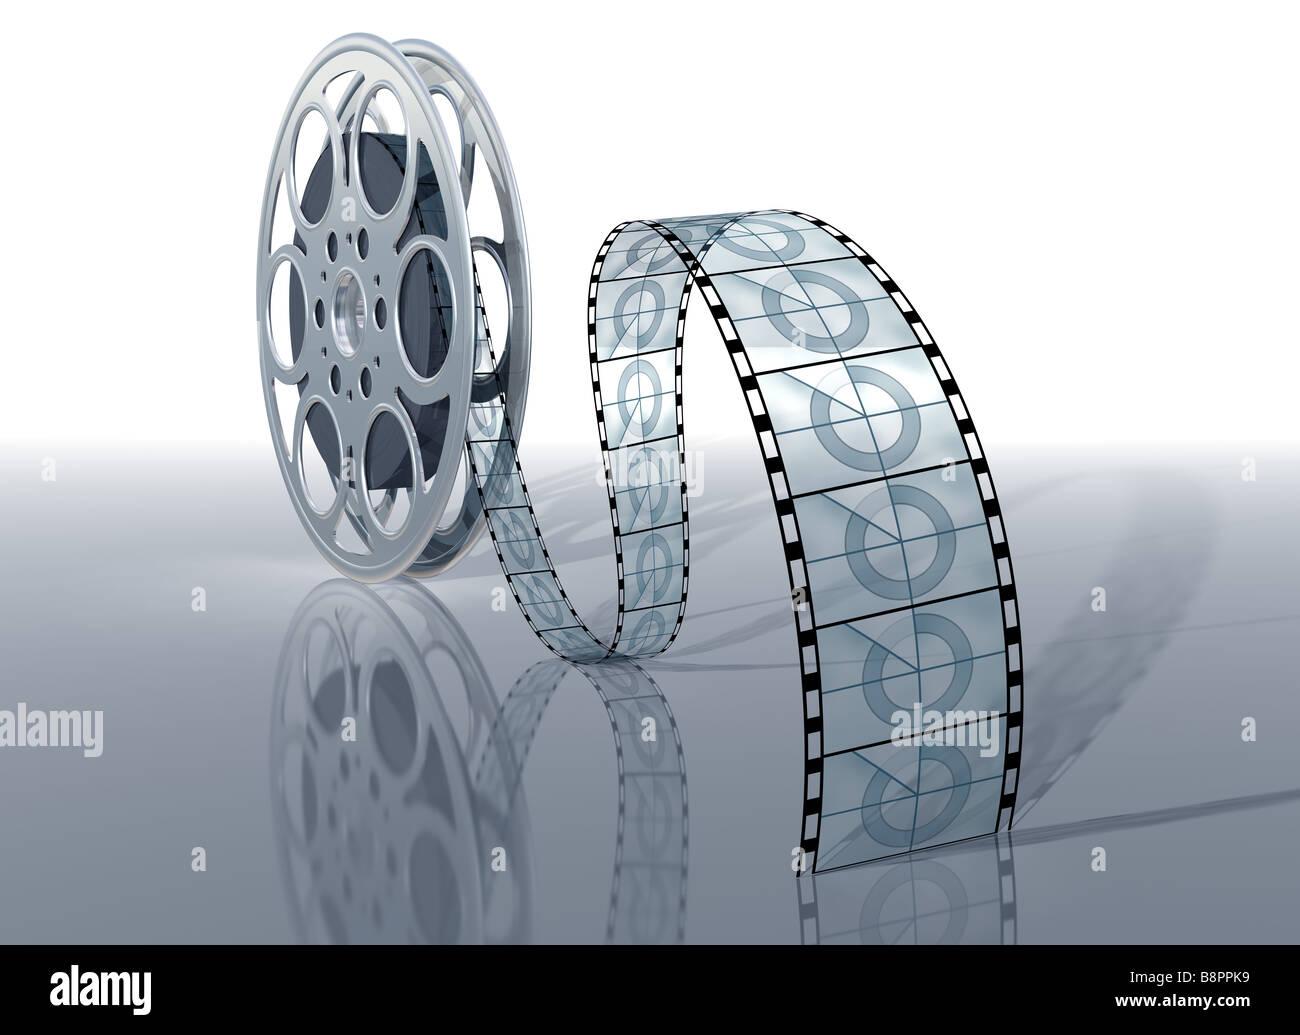 Ilustración de un rollo de película y de película sobre una superficie brillante Imagen De Stock